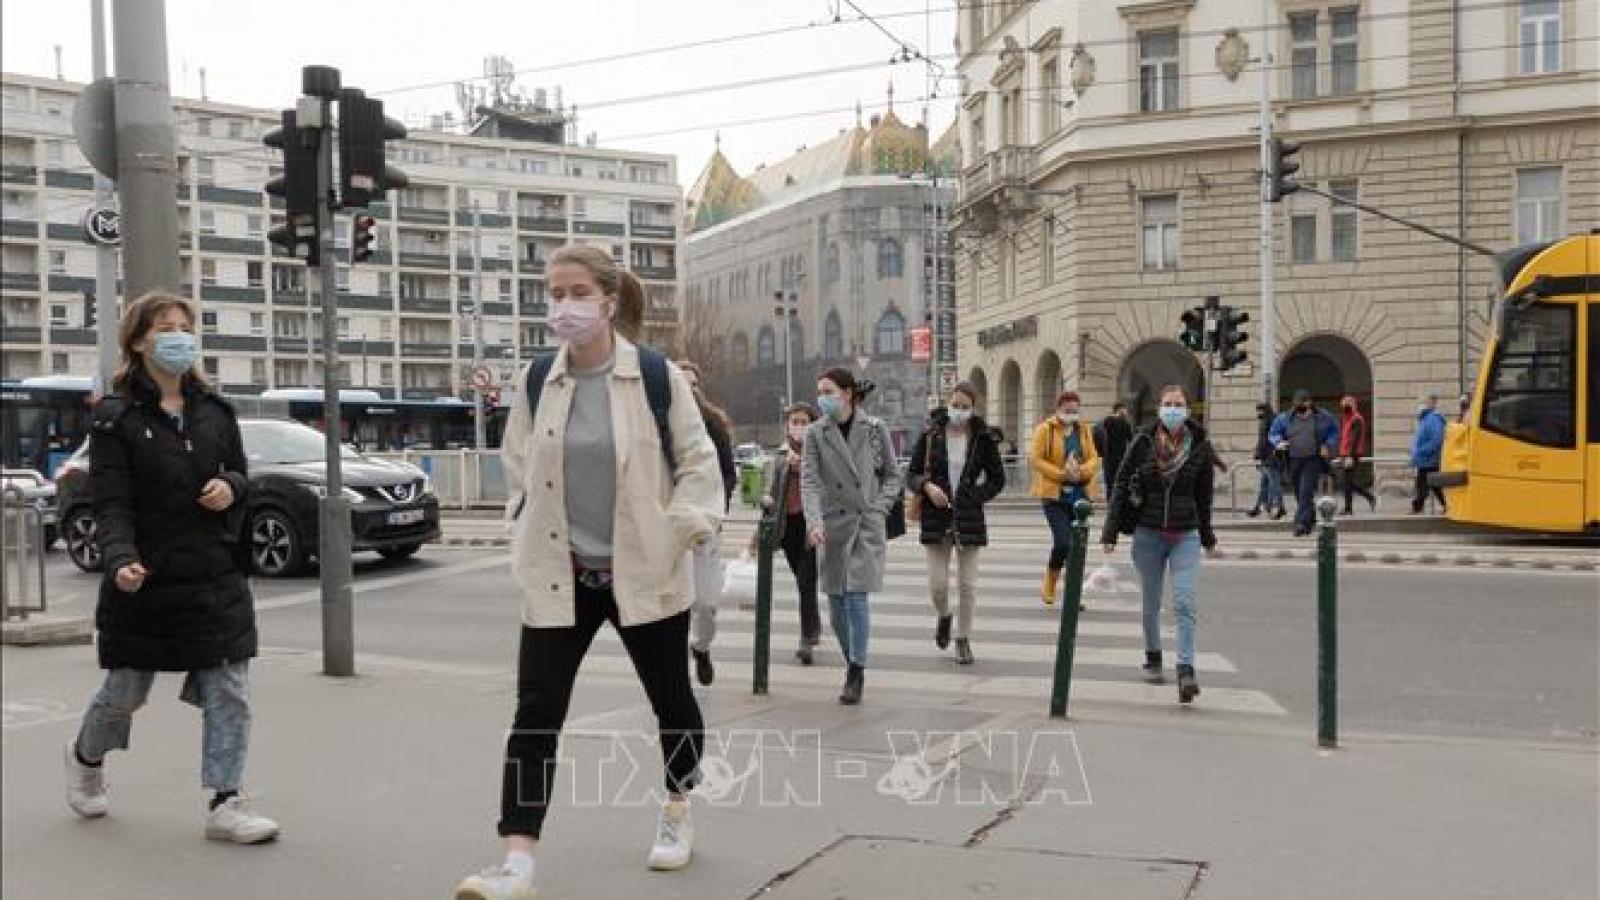 Hungary nới lỏng các biện pháp hạn chế theo tốc độ tiêm chủng